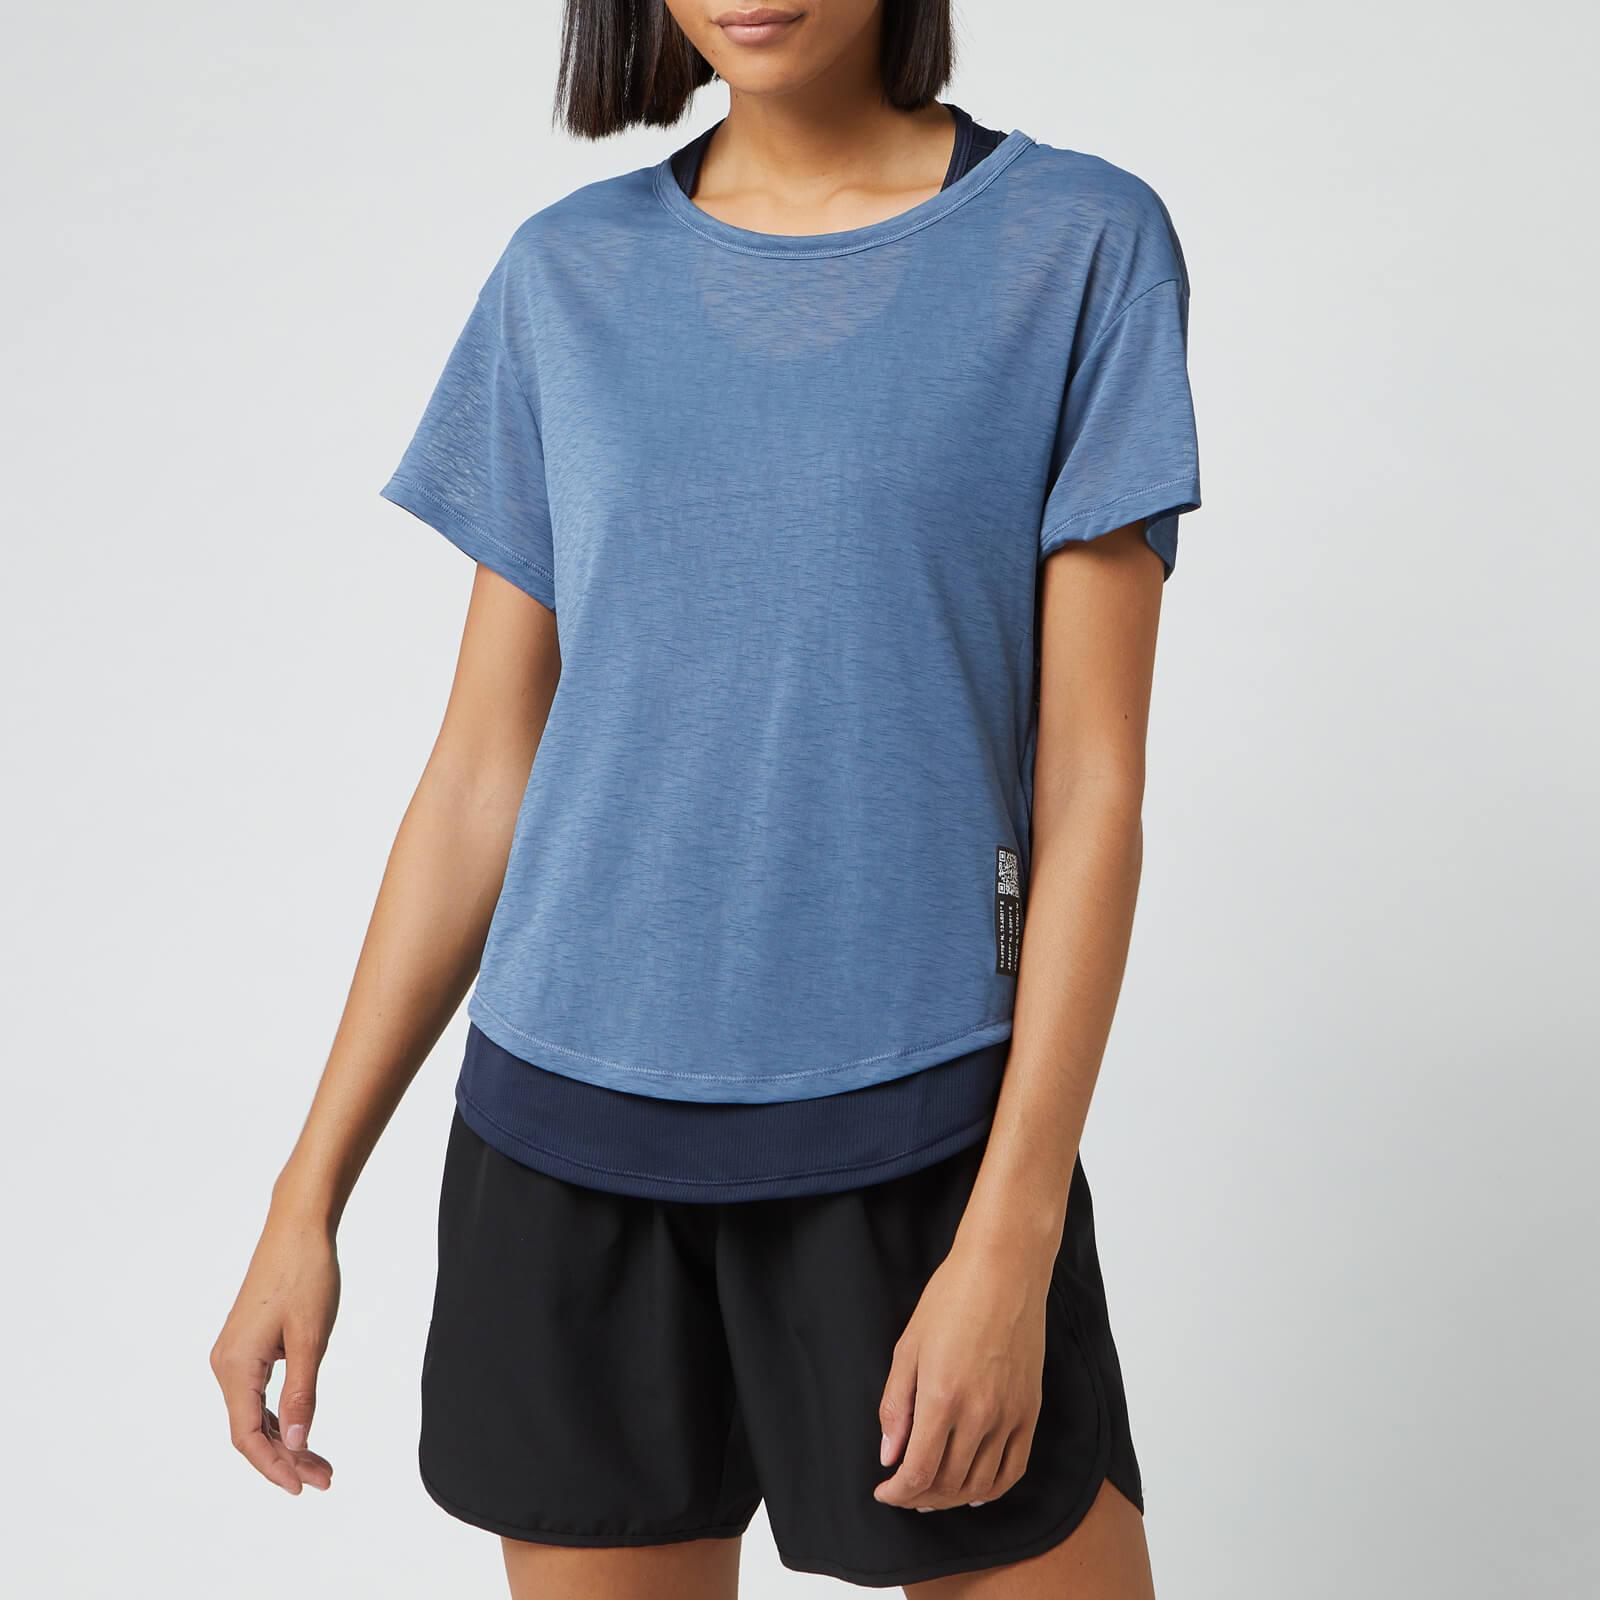 adidas Women's Adapt Short Sleeve T-Shirt - Blue - S - Blue